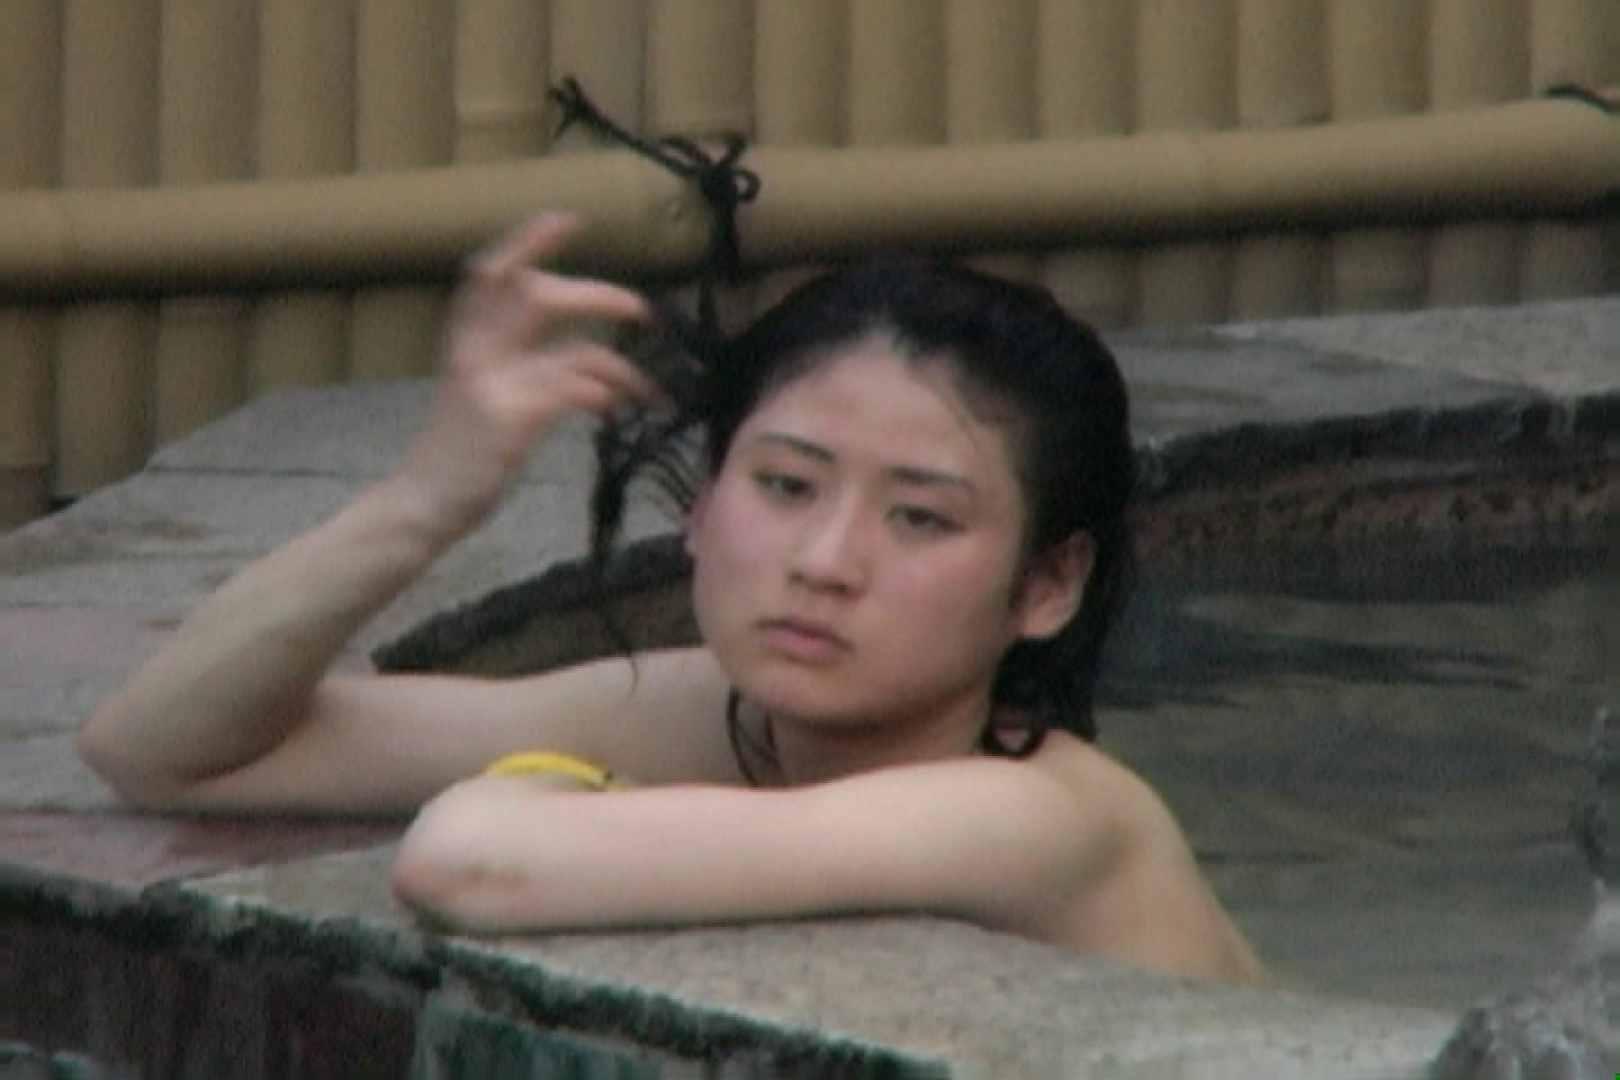 高画質露天女風呂観察 vol.004 乙女のエロ動画 盗撮画像 99PIX 9